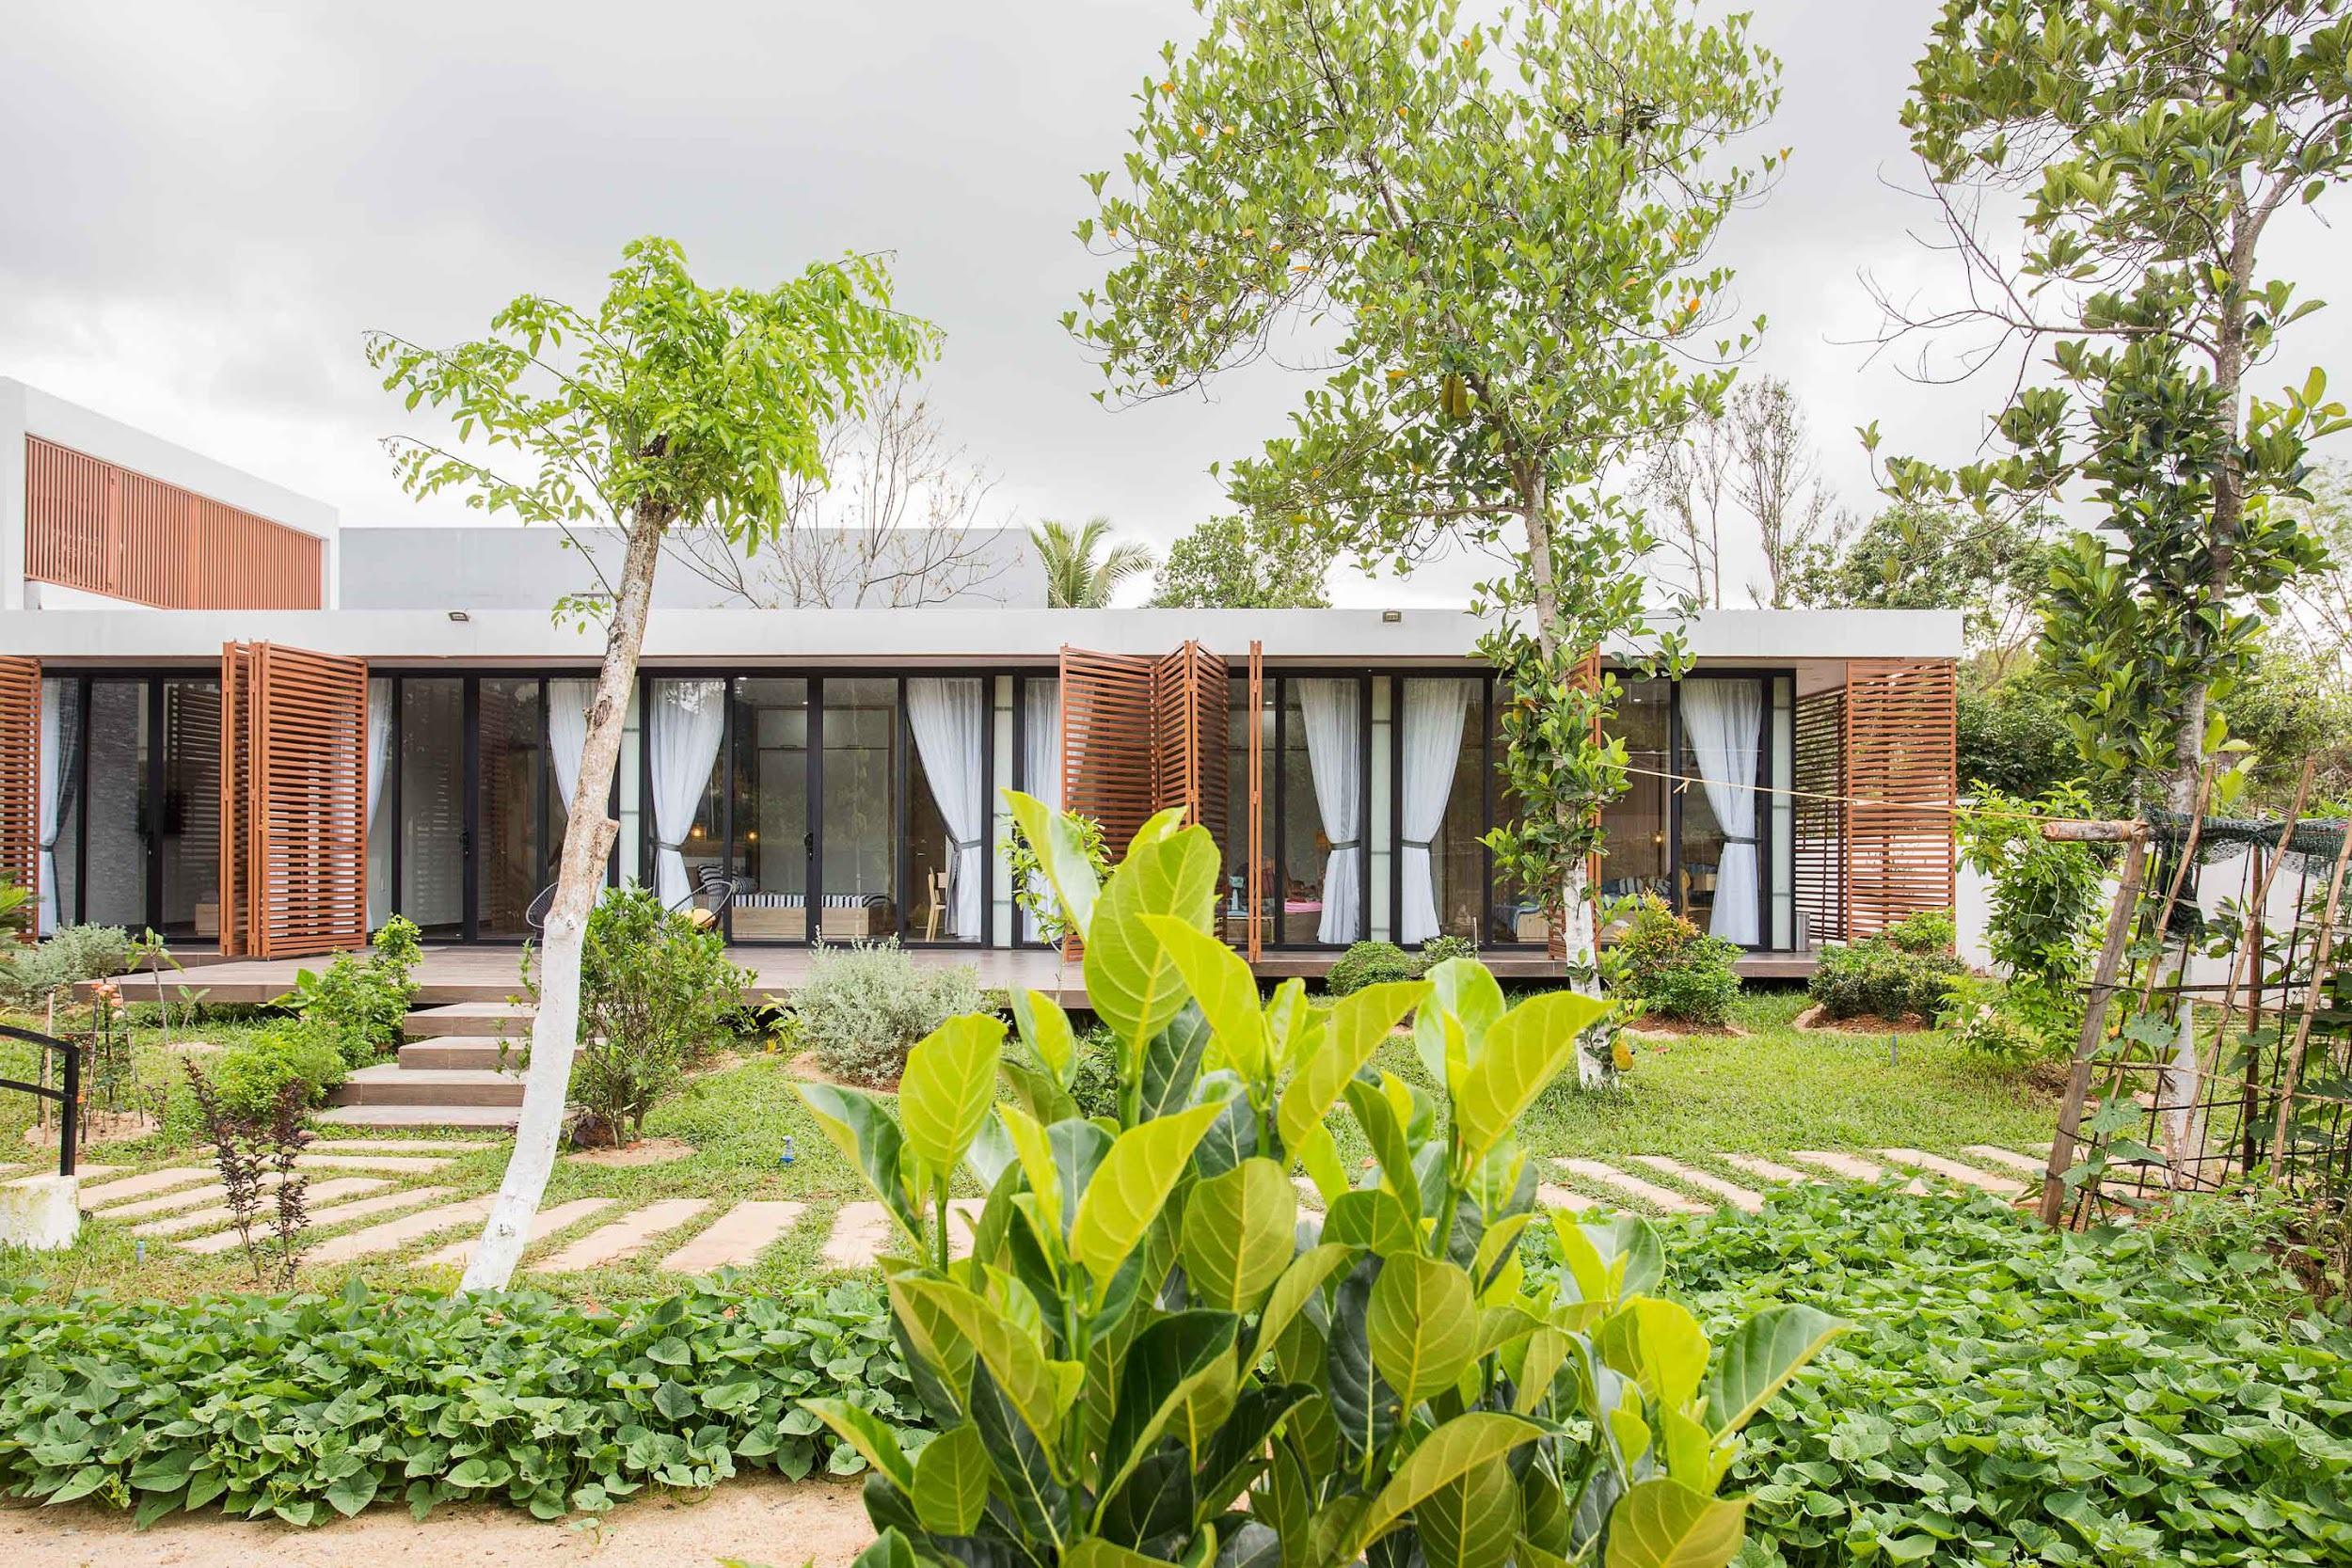 Nhà vườn trốn khói bụi ngắm mãi không chán ở Quảng Nam - 4